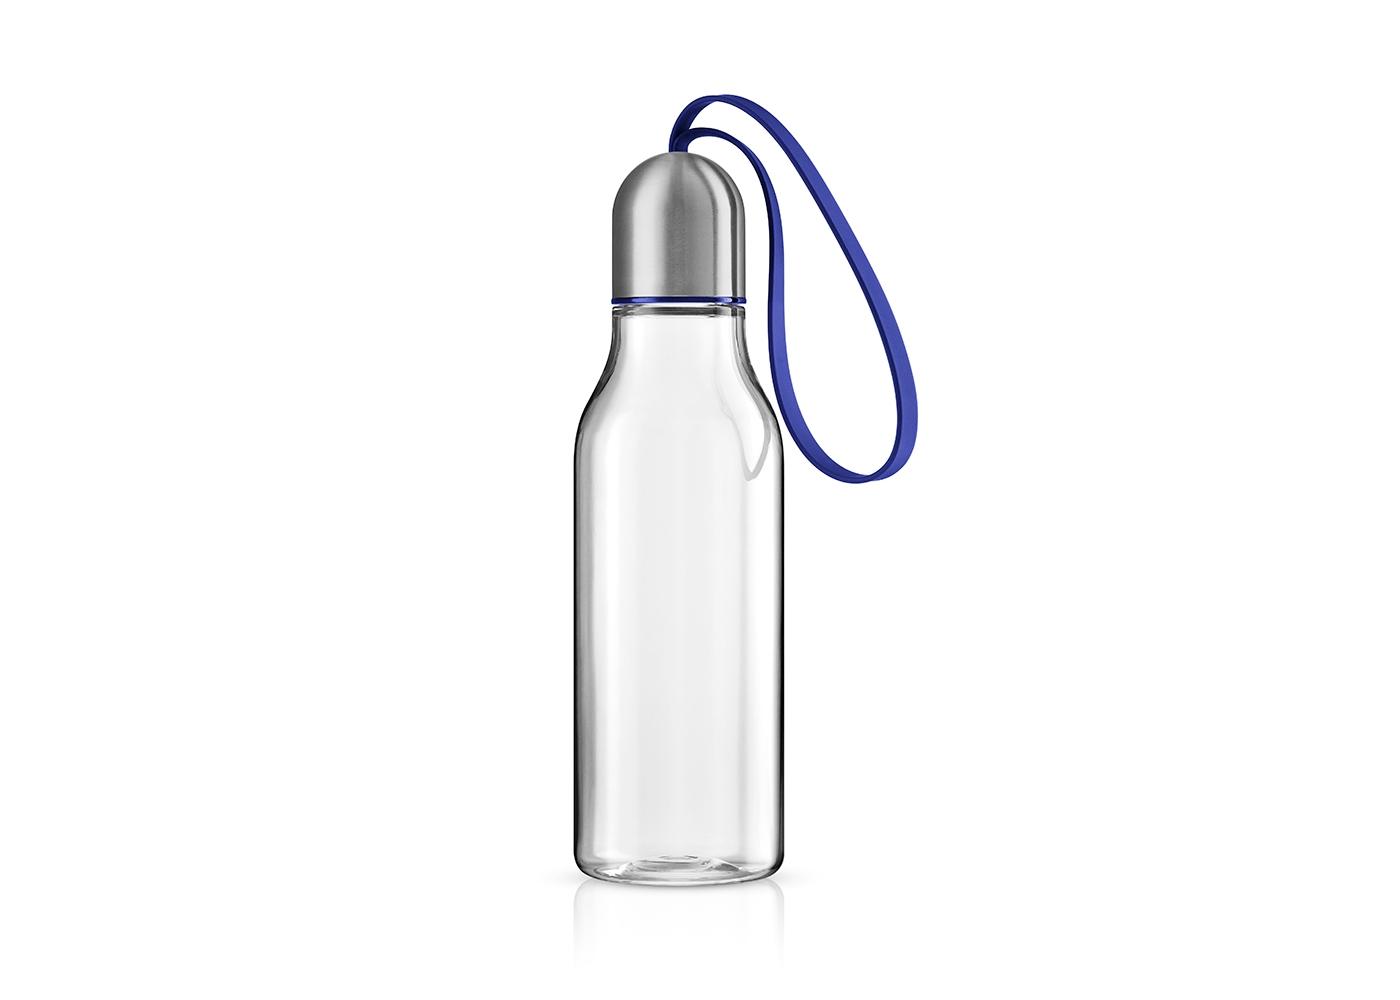 Бутылка спортивнаяЕмкости для хранения<br>Спортивная бутылка предназначена для любого вида активности и позволяет быстро утолить жажду благодаря практичному питьевому клапану. Бутылка полностью герметична, даже если носить её в сумке, а гигиеничная крышка защищает горлышко от пыли и грязи.<br>Бутылка имеет практичный силиконовый ремешок, благодаря которому её легко взять с собой и всегда иметь под рукой освежающий напиток. Наполнять бутылку можно сколько угодно раз - она не содержит опасных примесей, таких, как бисфенол. Сделана из ударопрочного безопасного пластика. Все части можно мыть в посудомоечной машине.&amp;lt;div&amp;gt;&amp;lt;br&amp;gt;&amp;lt;/div&amp;gt;&amp;lt;div&amp;gt;&amp;lt;span style=&amp;quot;line-height: 24.9999px;&amp;quot;&amp;gt;Объём 0,7 л.&amp;amp;nbsp;&amp;lt;/span&amp;gt;&amp;lt;br&amp;gt;&amp;lt;/div&amp;gt;<br><br>Material: Пластик<br>Height см: 23<br>Diameter см: 6,5